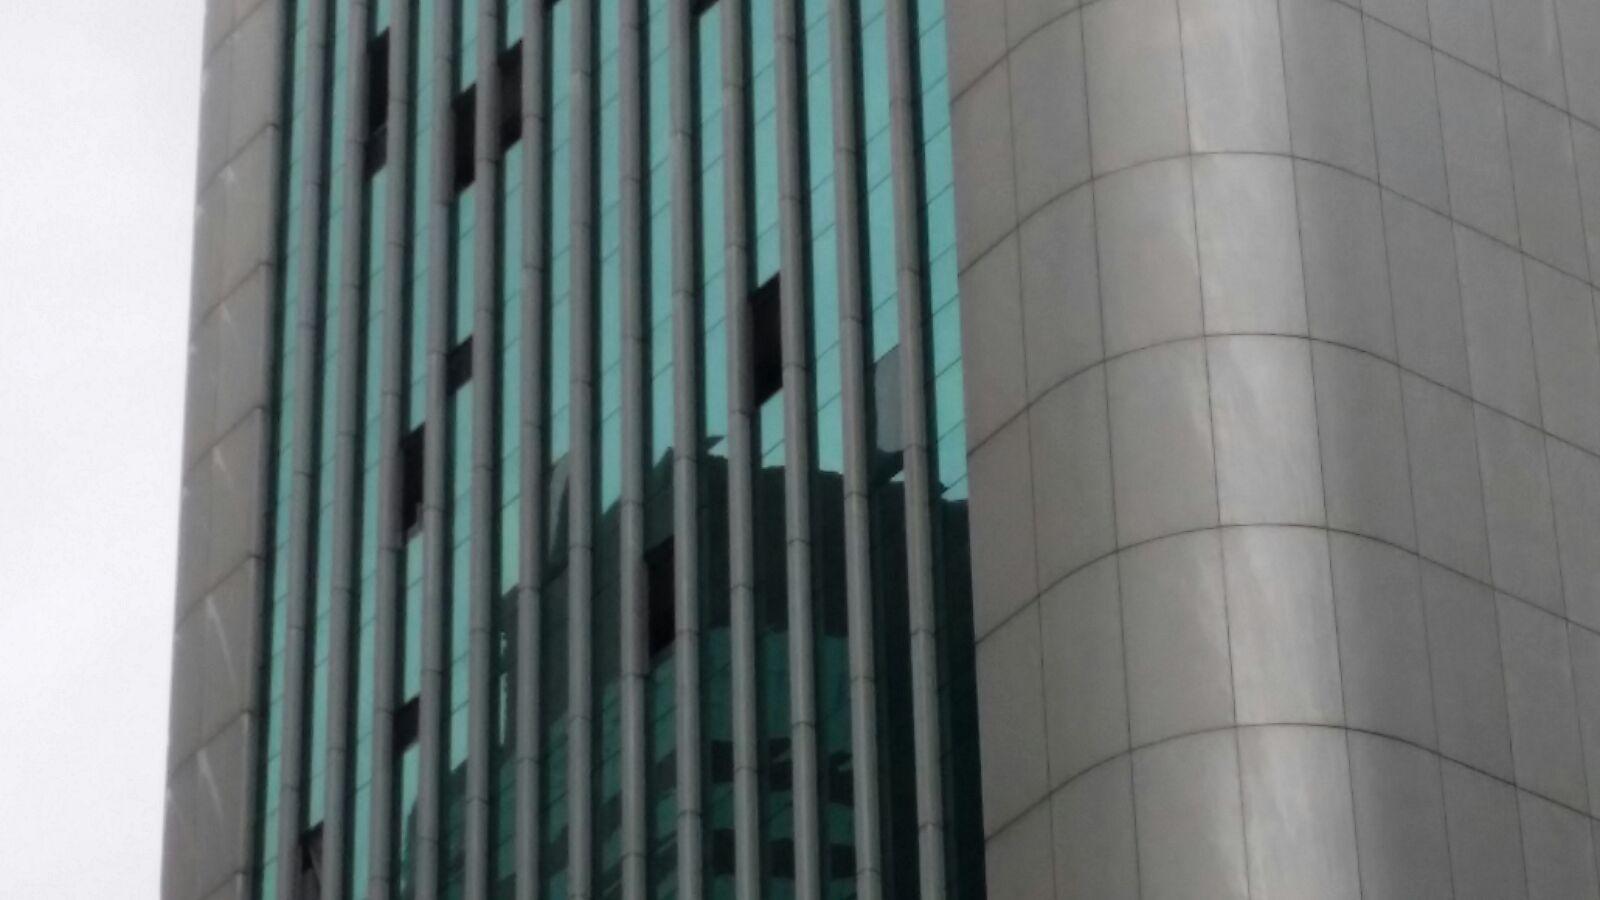 中環恒生銀行總行的玻璃幕牆破裂。